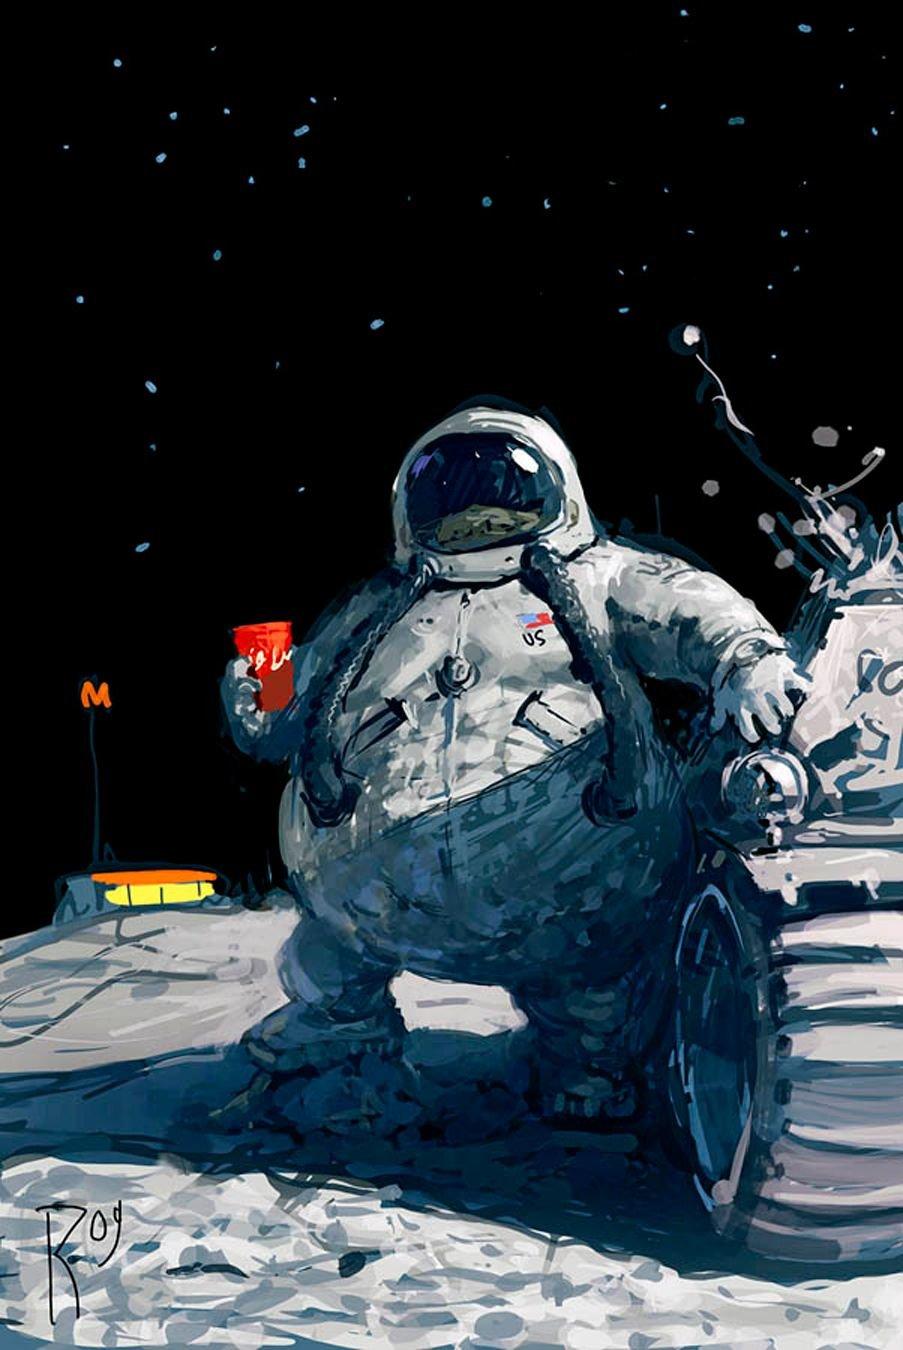 Про космос смешная картинка